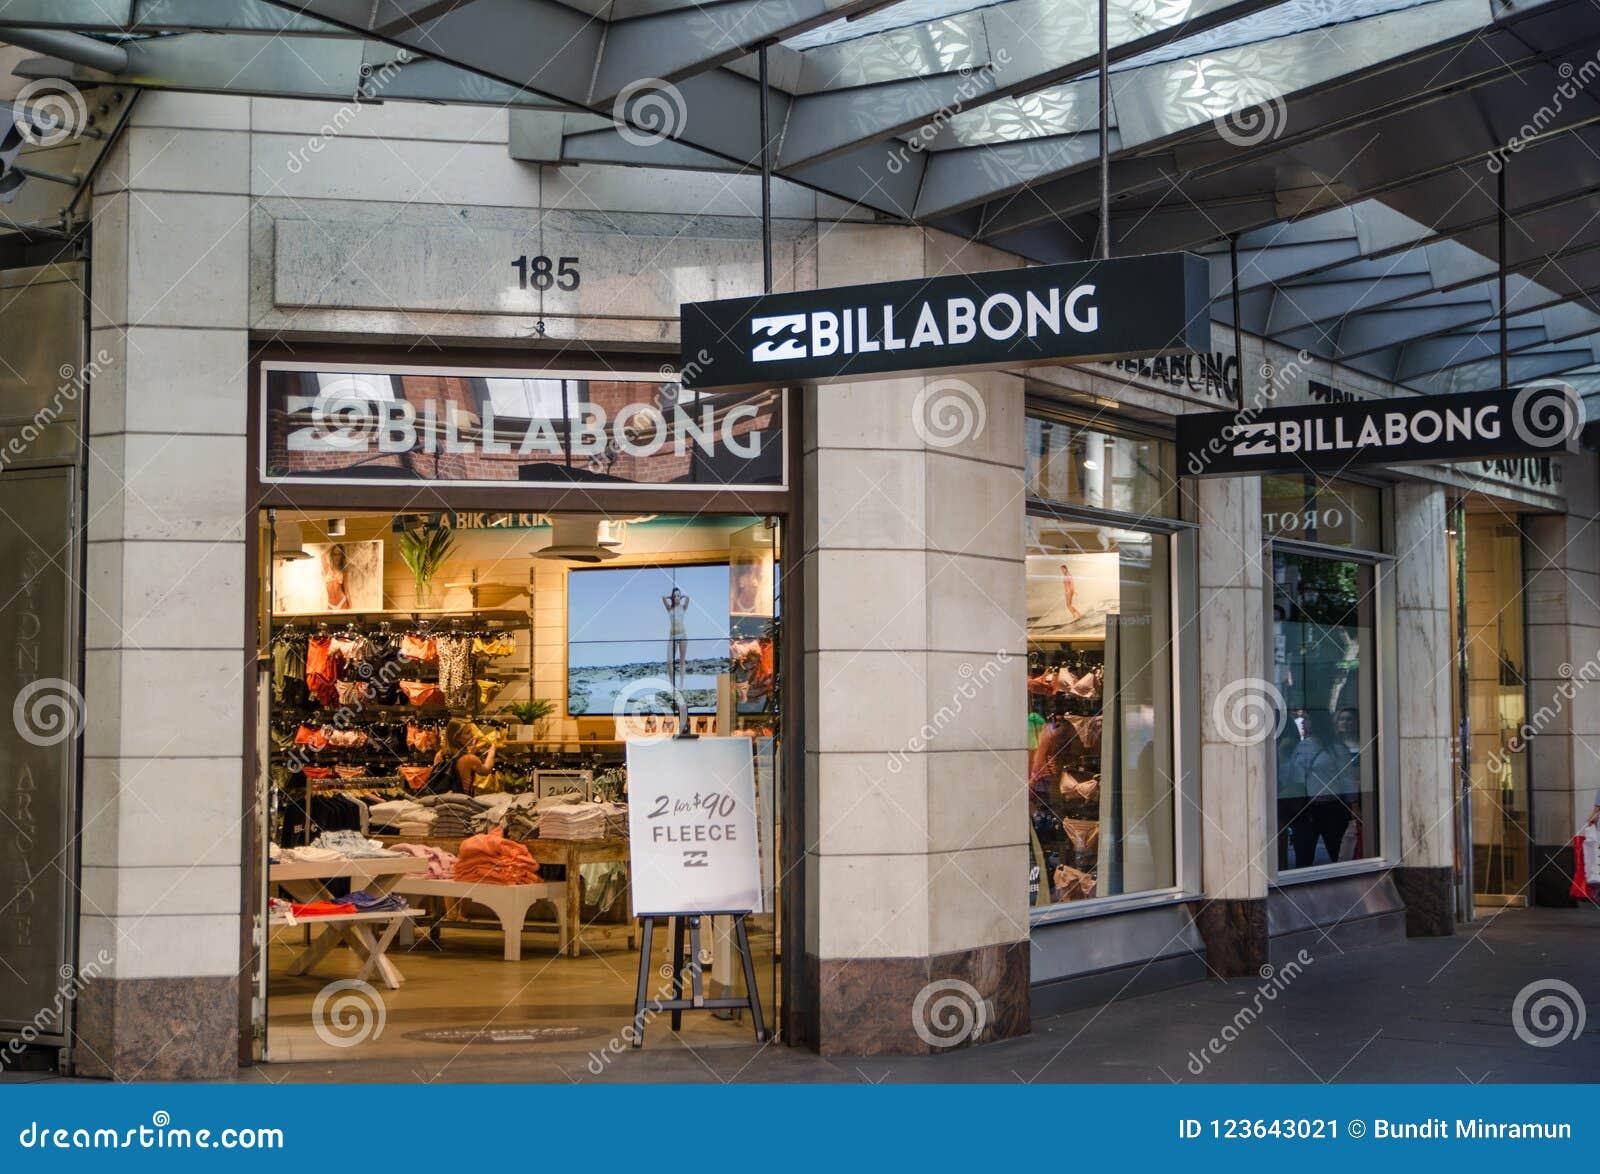 Loja de Billabong um varejista de roupa que igualmente produza acessórios 95dec6ef5bc